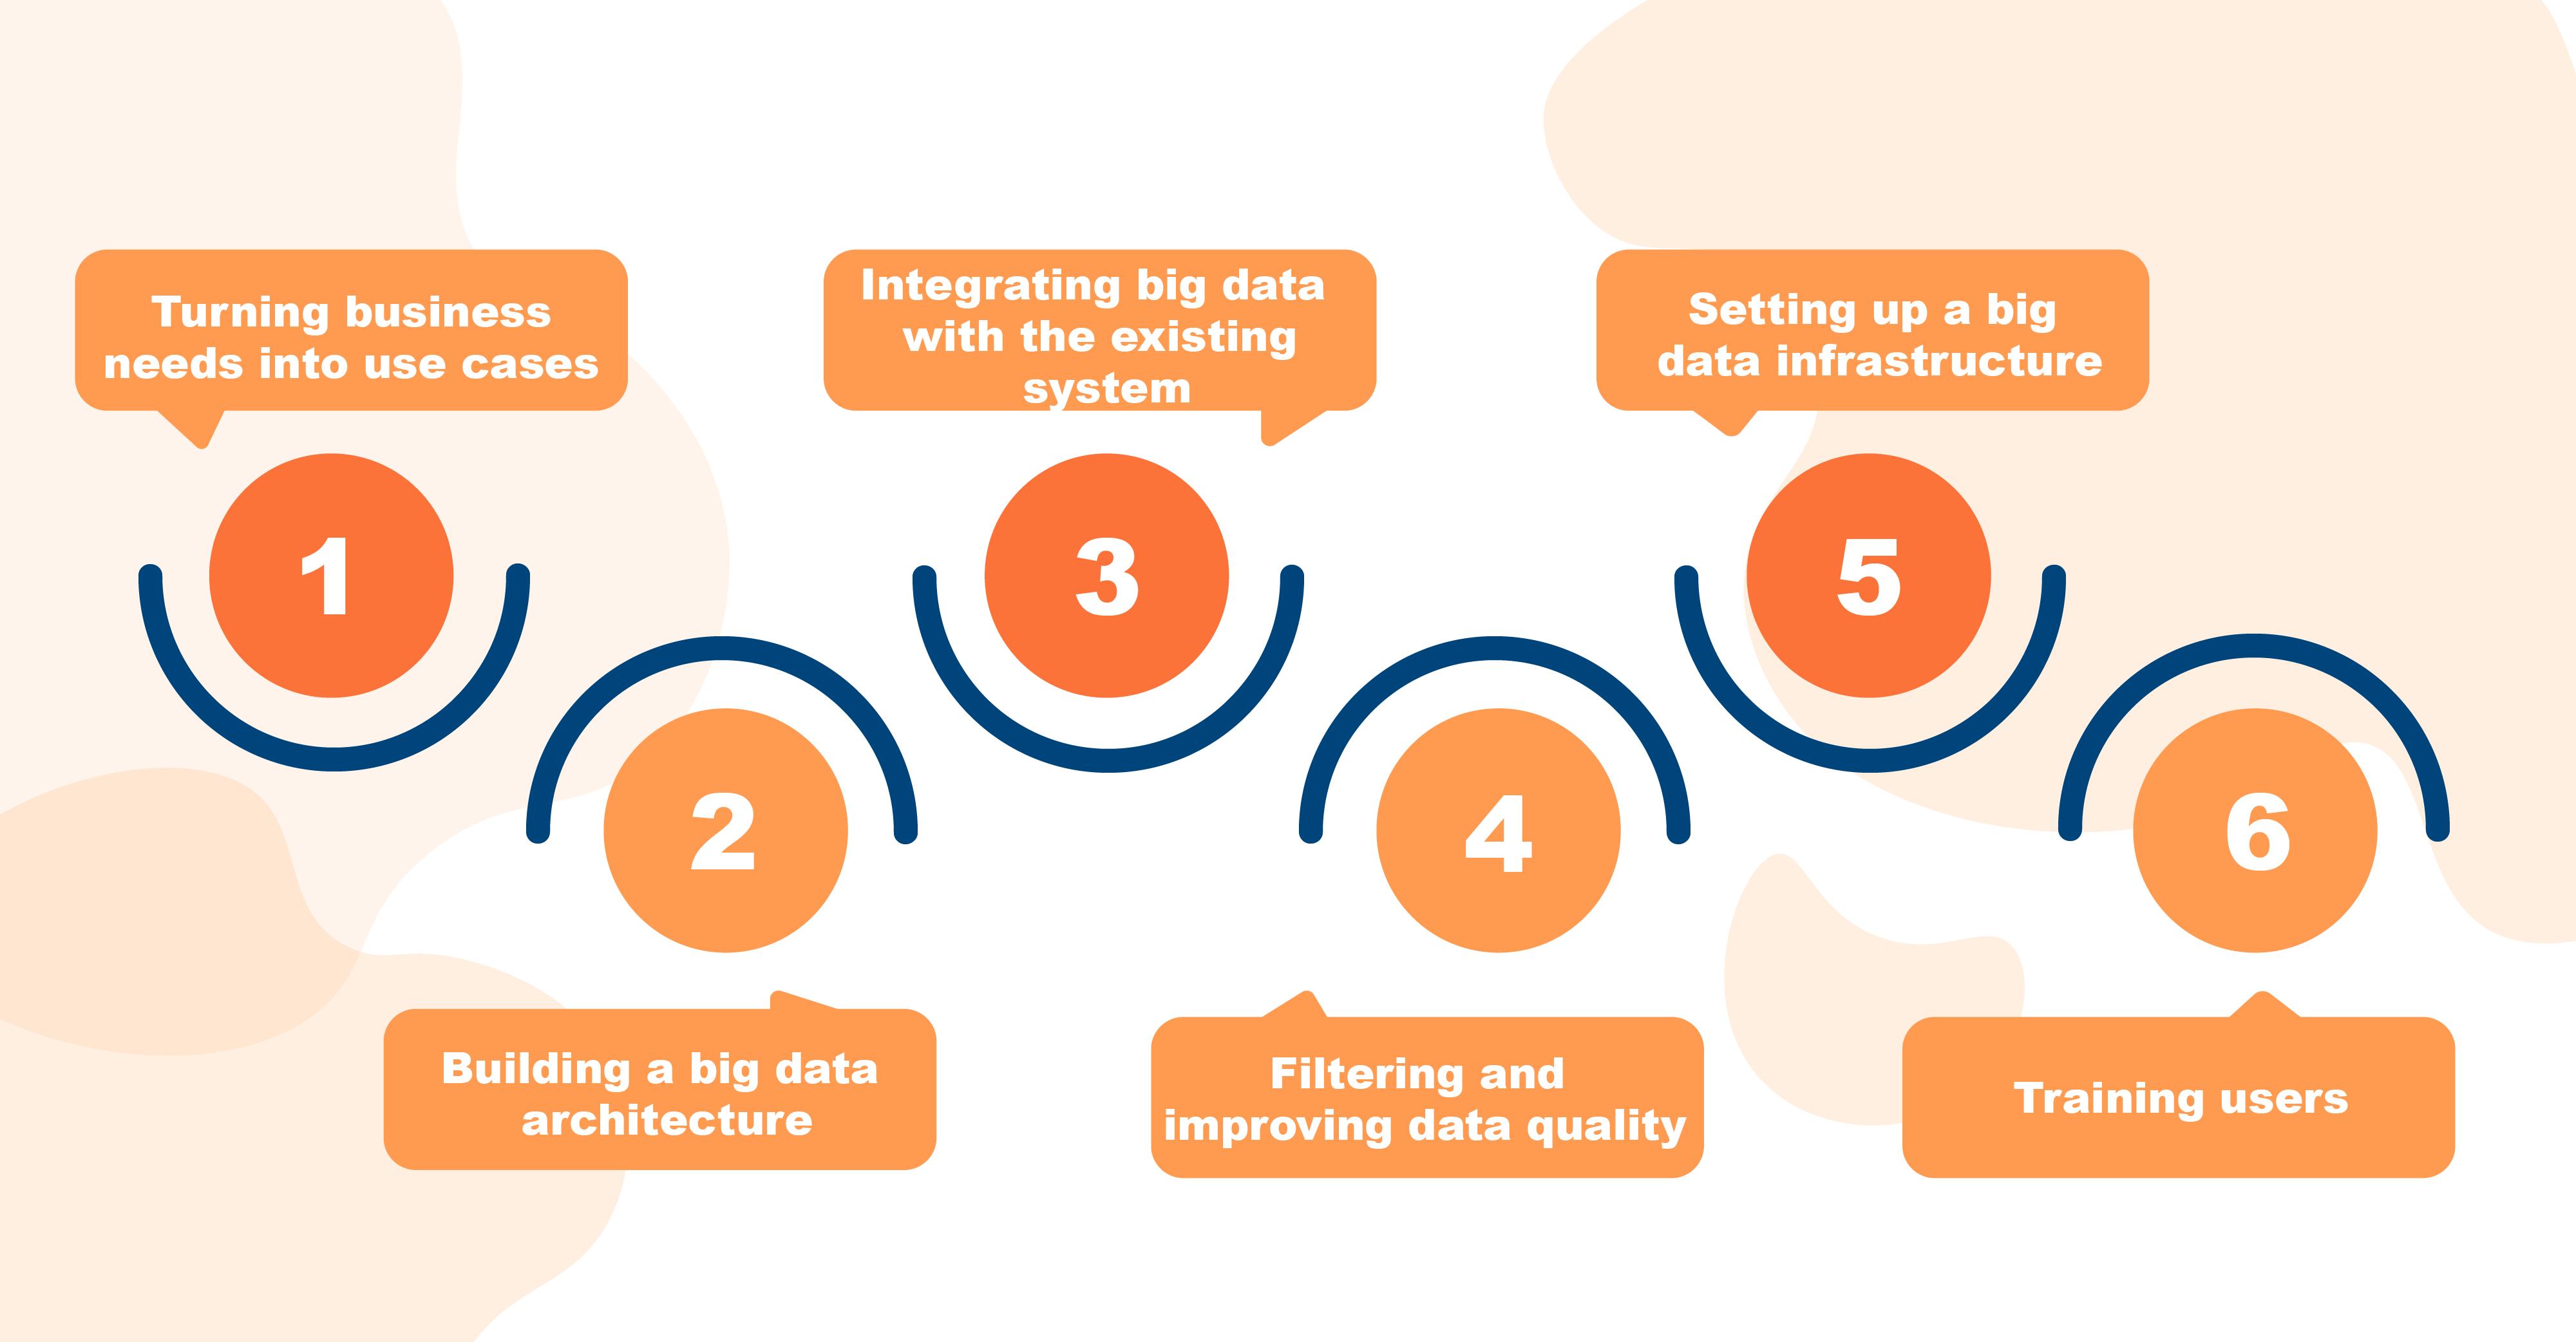 A big data roadmap